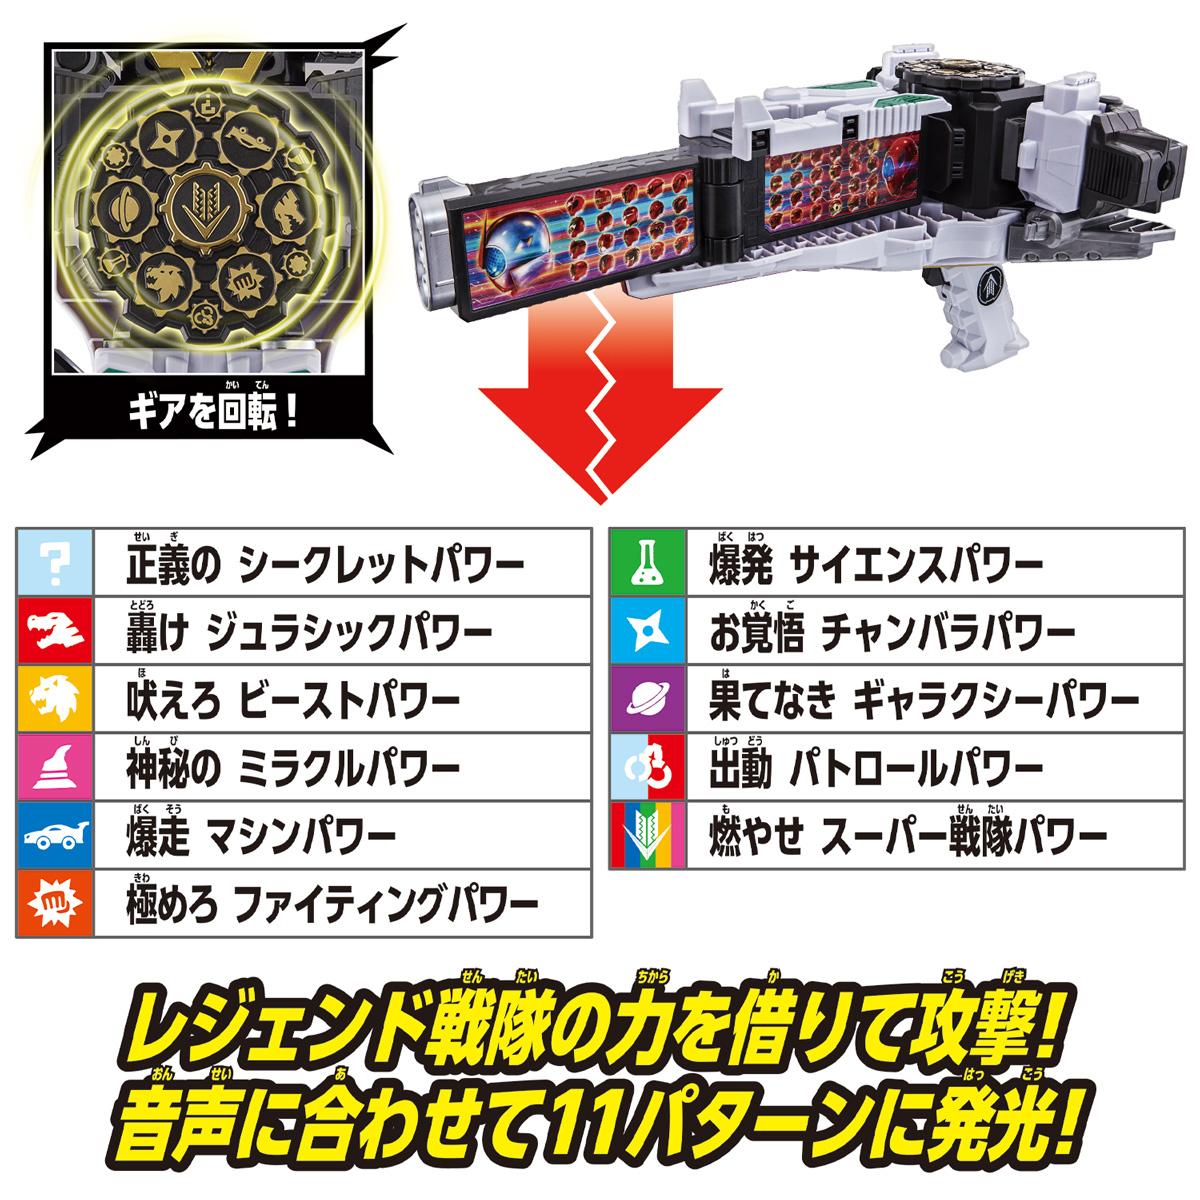 機界戦隊ゼンカイジャー『DXゼンリョクゼンカイキャノン』変身なりきり-006